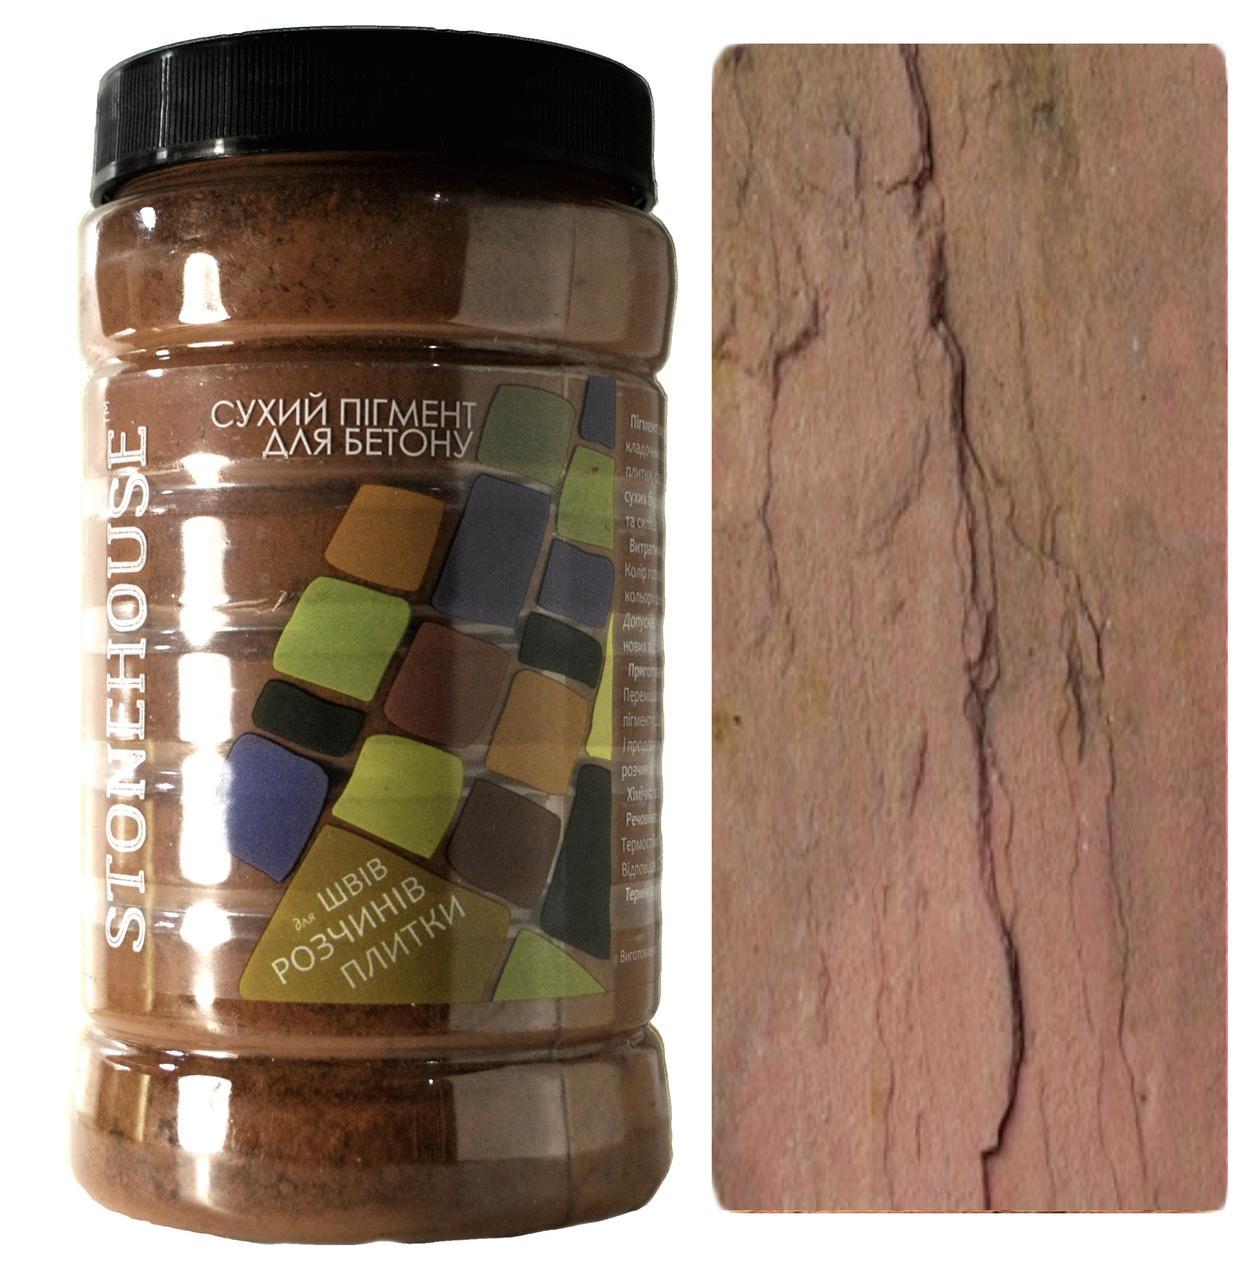 Пигмент для бетона коричневый купить бетон с завода цена м3